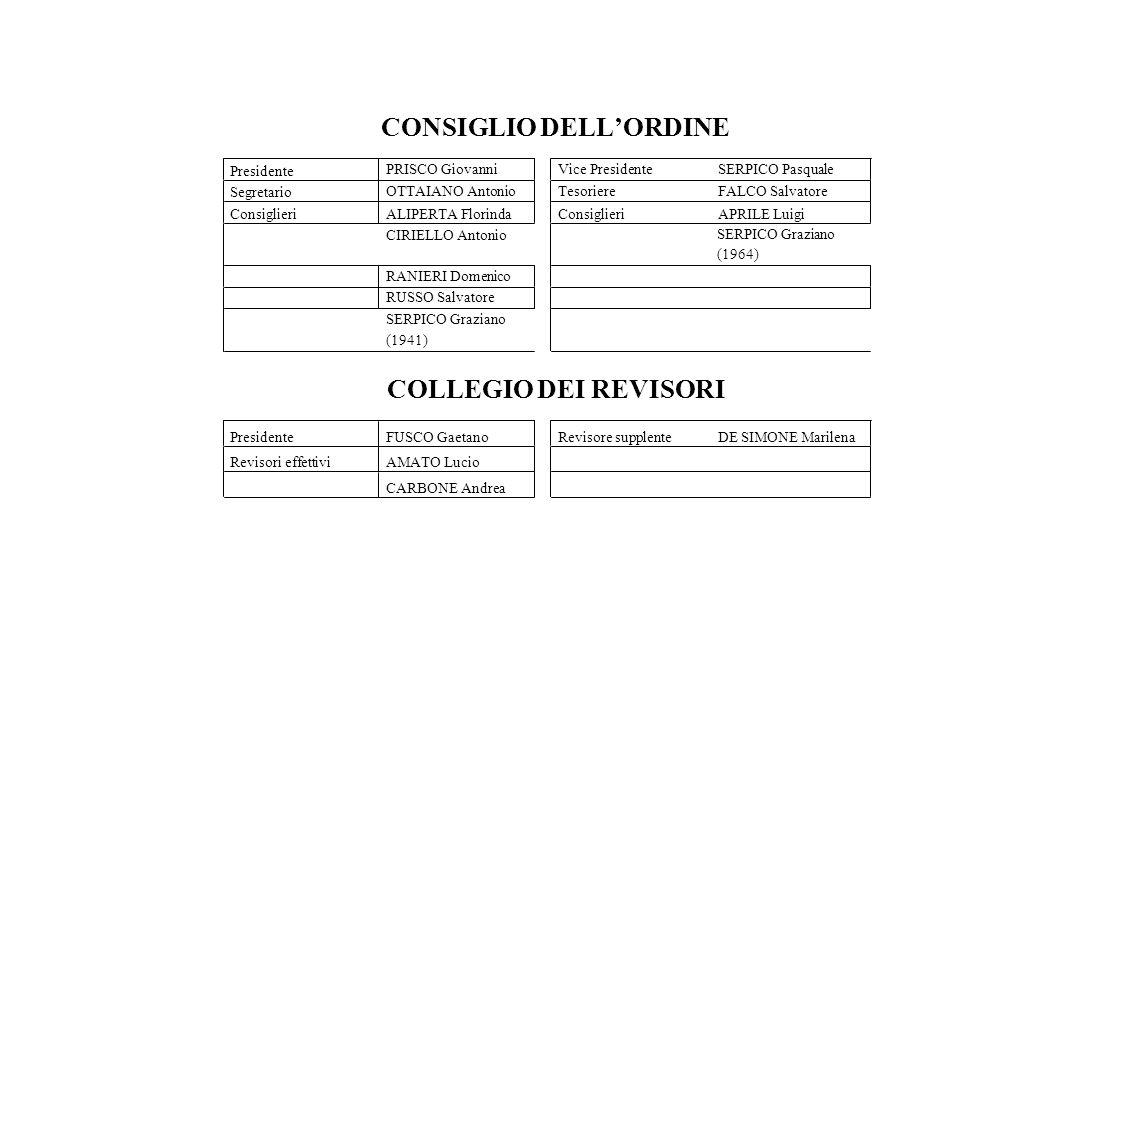 ORDINE DEI DOTTORI COMMERCIALISTI E DEGLI ESPERTI CONTABILI DI NOLA BILANCIO DI PREVISIONE ANNO 2013 1)PREVENTIVO FINANZIARIO GESTIONALE; 2)QUADRO RIASSUNTIVO DEL BILANCIO DI PREVISIONE; 3)PREVENTIVO ECONOMICO; 4)TABELLA DIMOSTRATIVA DEL PRESUNTO RISULTATO DI AMMINISTRAZIONE; 5)RELAZIONE PROGRAMMATICA DEL PRESIDENTE; 6)RELAZIONE DEL CONSIGLIERE TESORIERE; 7)PIANTA ORGANICA DEL PERSONALE.